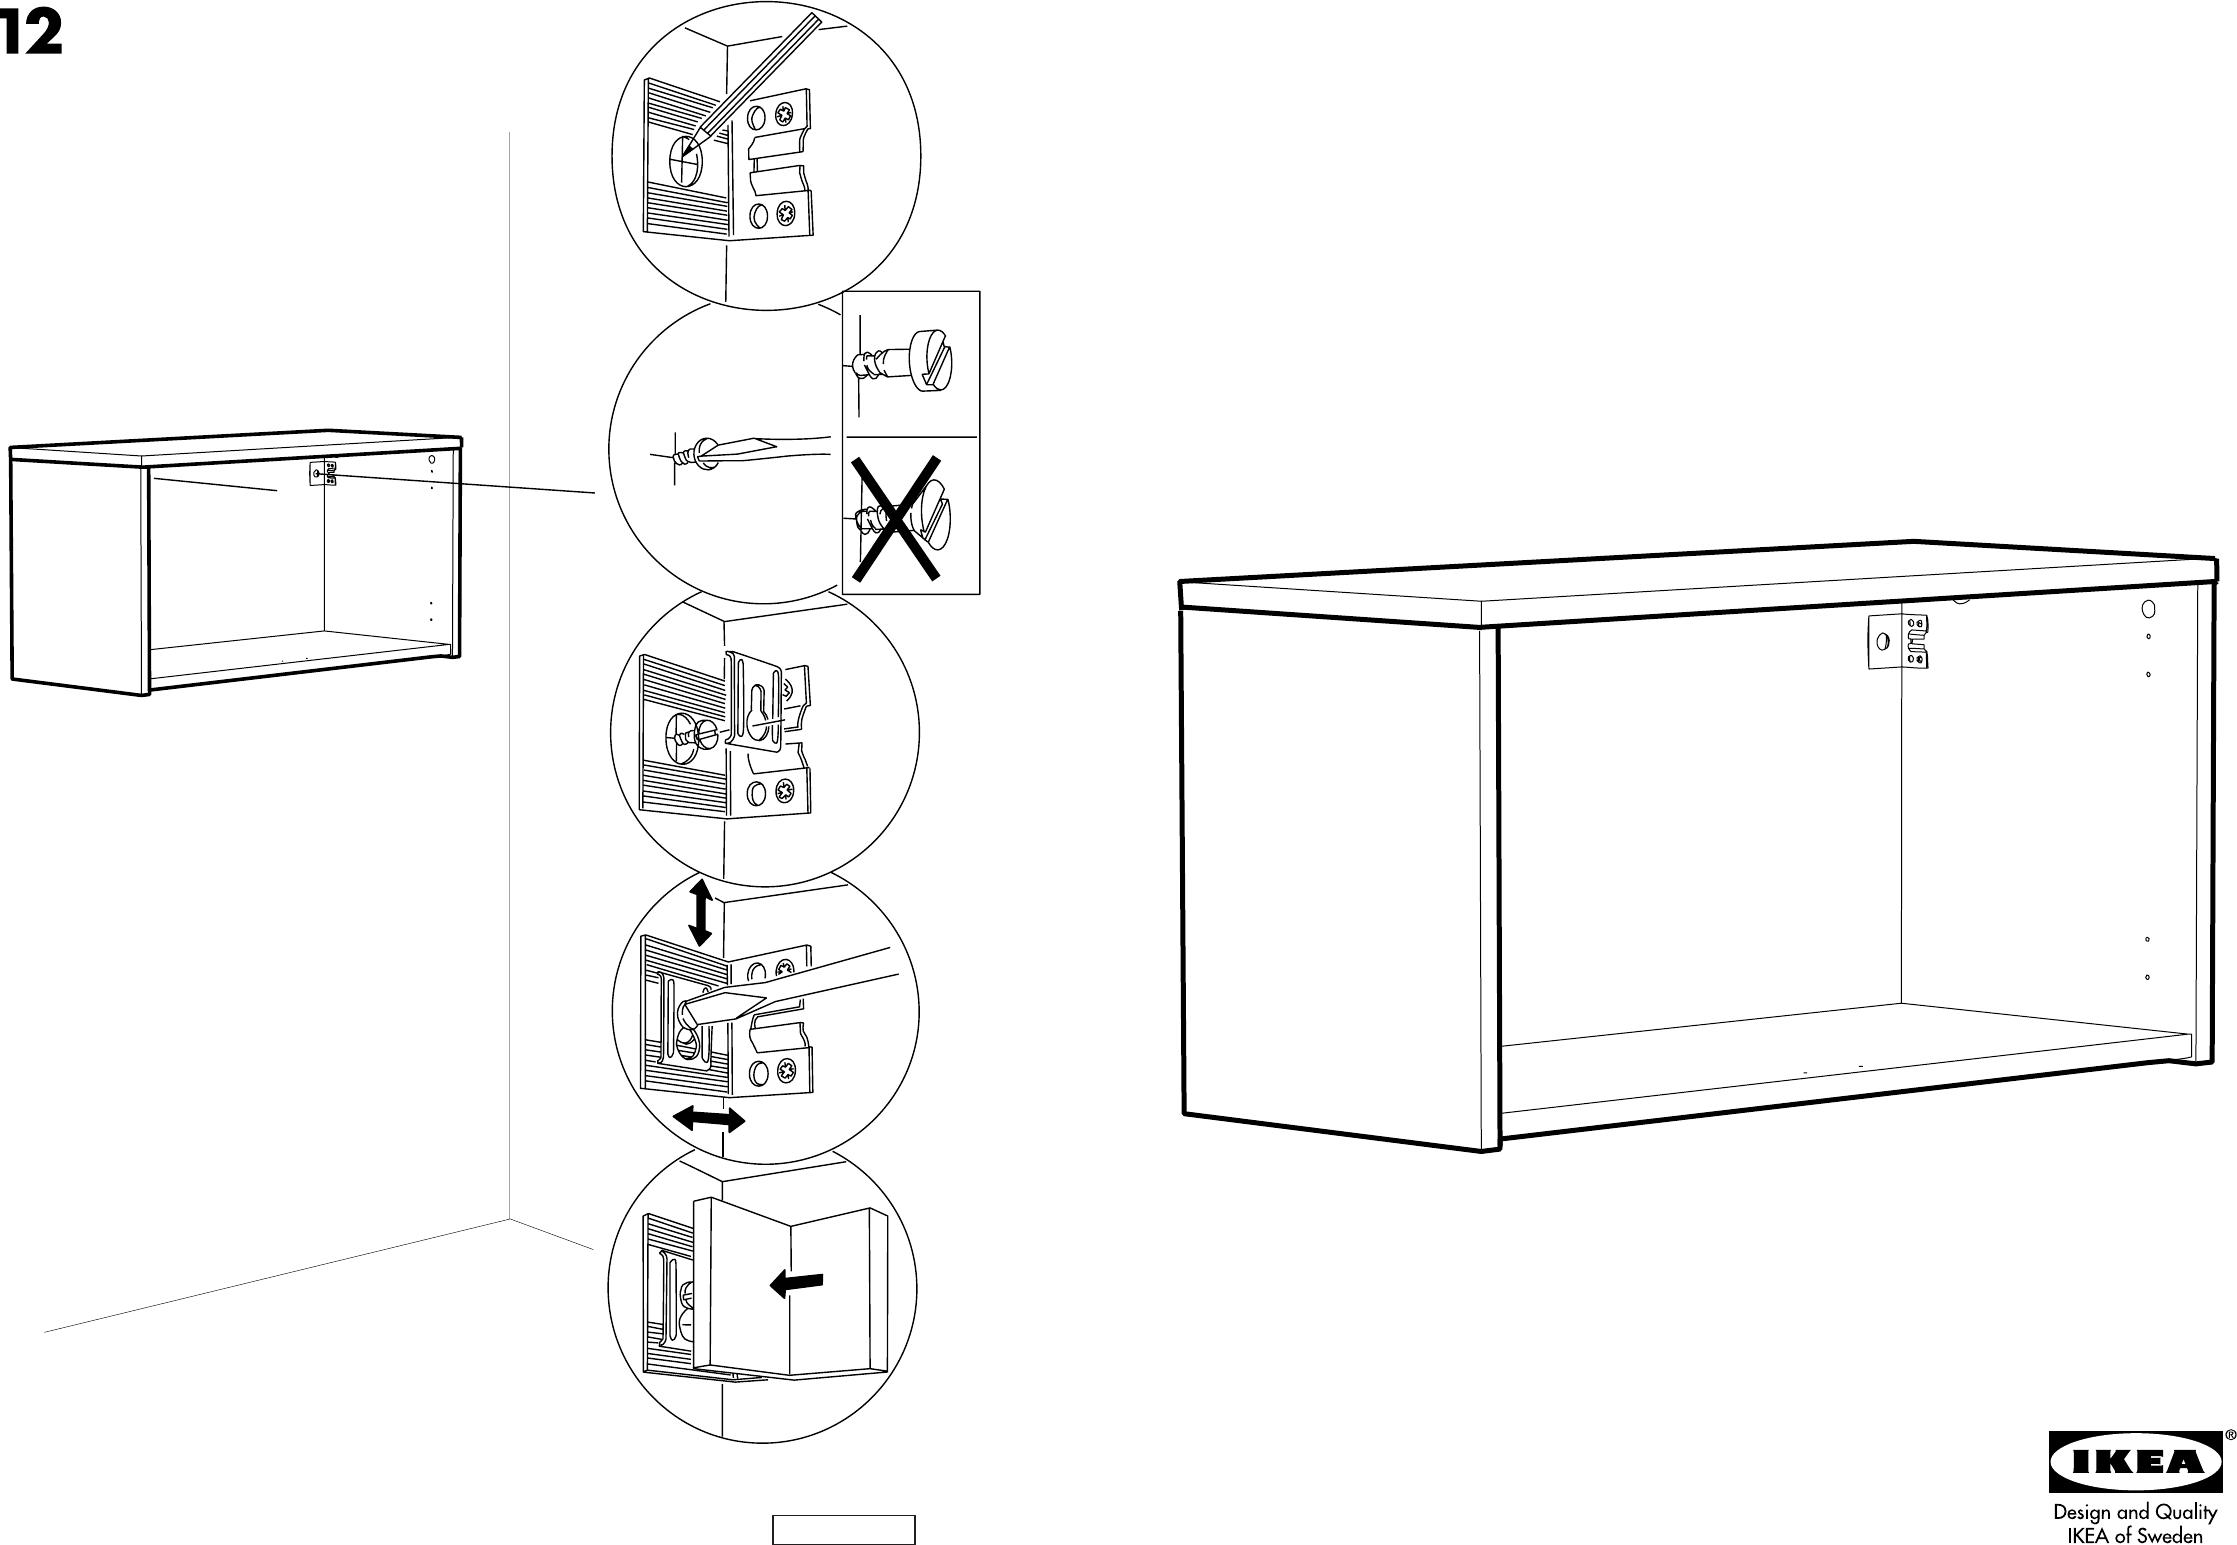 Verwonderlijk Handleiding Ikea Effektiv wandkast (pagina 1 van 6) (Dansk NU-22